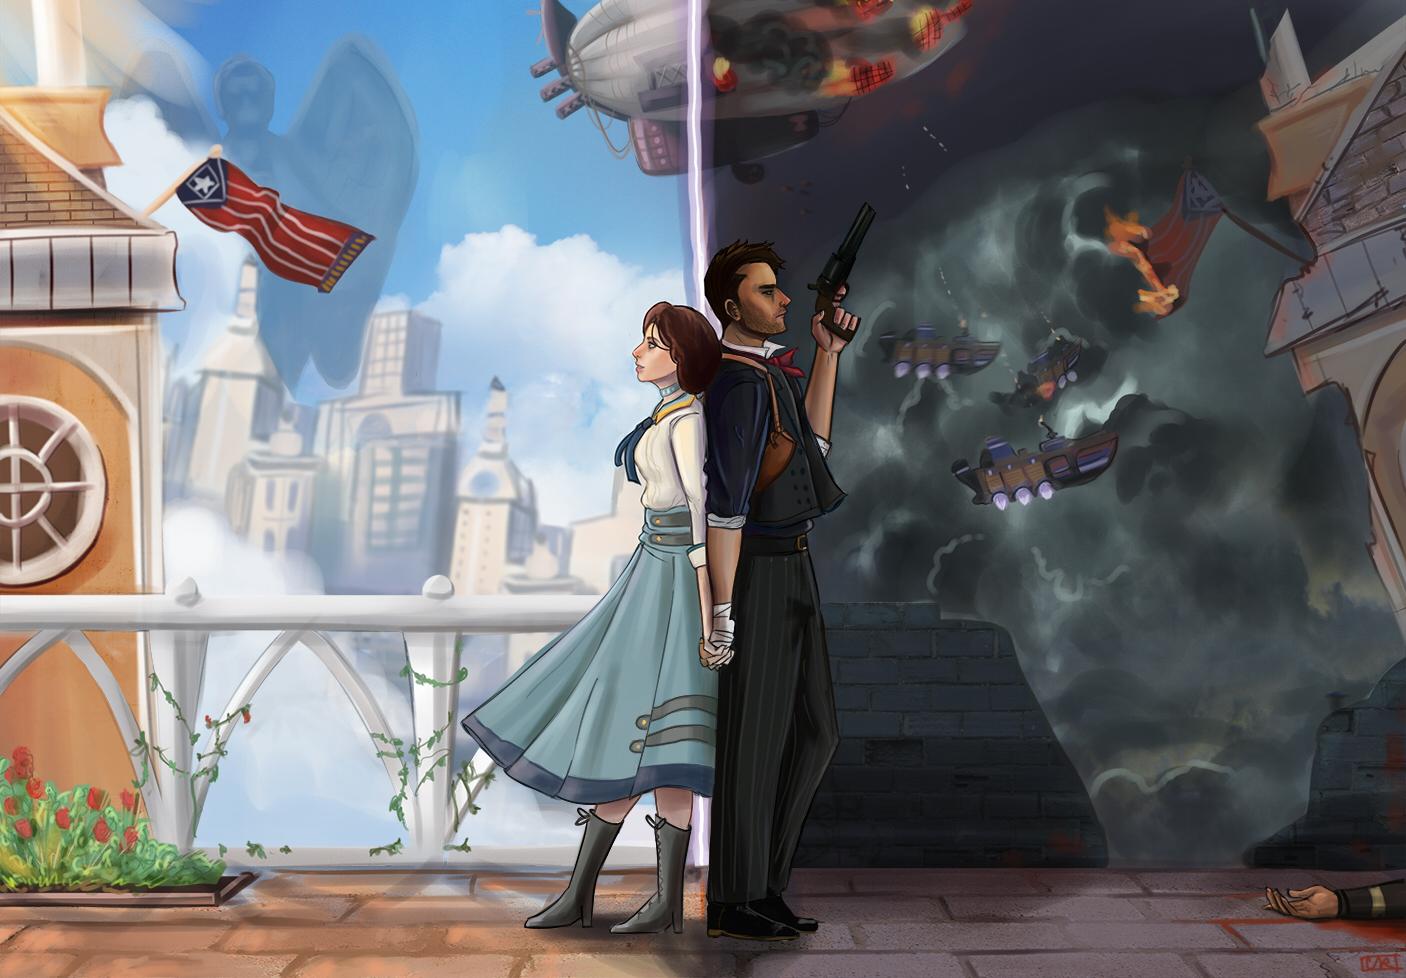 Worlds Apart by KaiserCVR